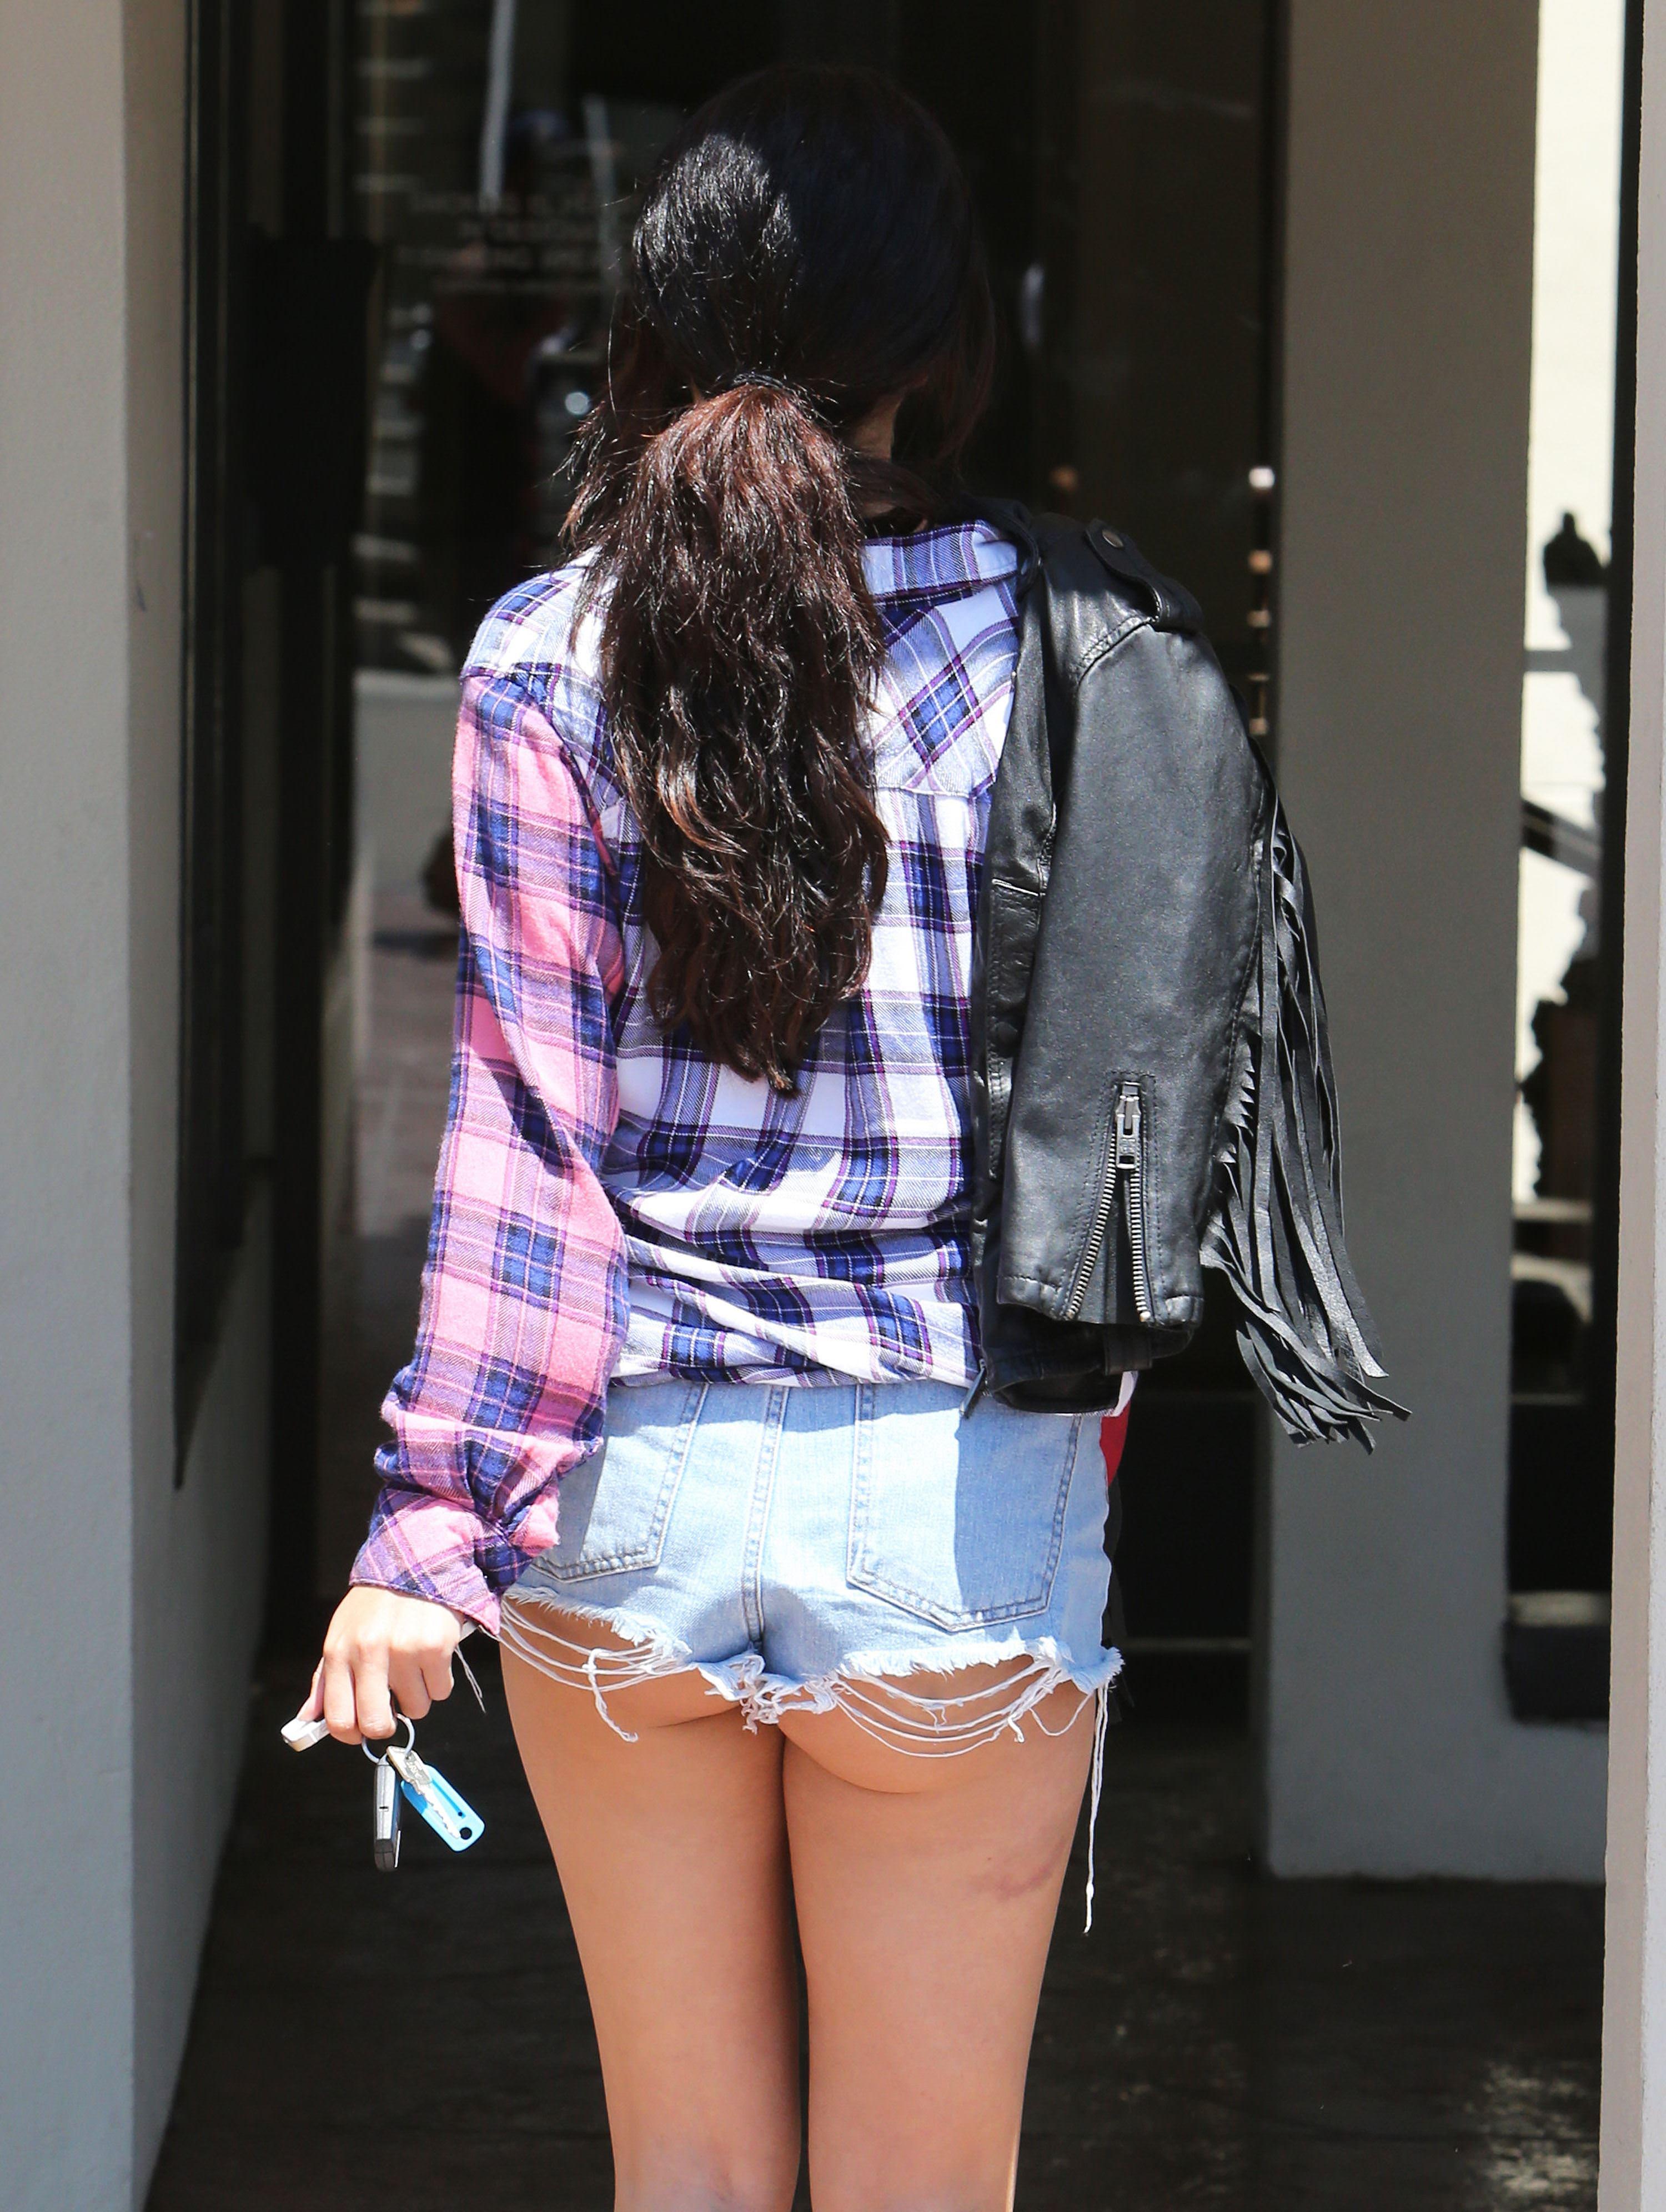 【外人】セレーナ・ゴメス(Selena Gomez)のホットパンツからはみ出すむっちりお尻とビキニのポルノ画像 5220